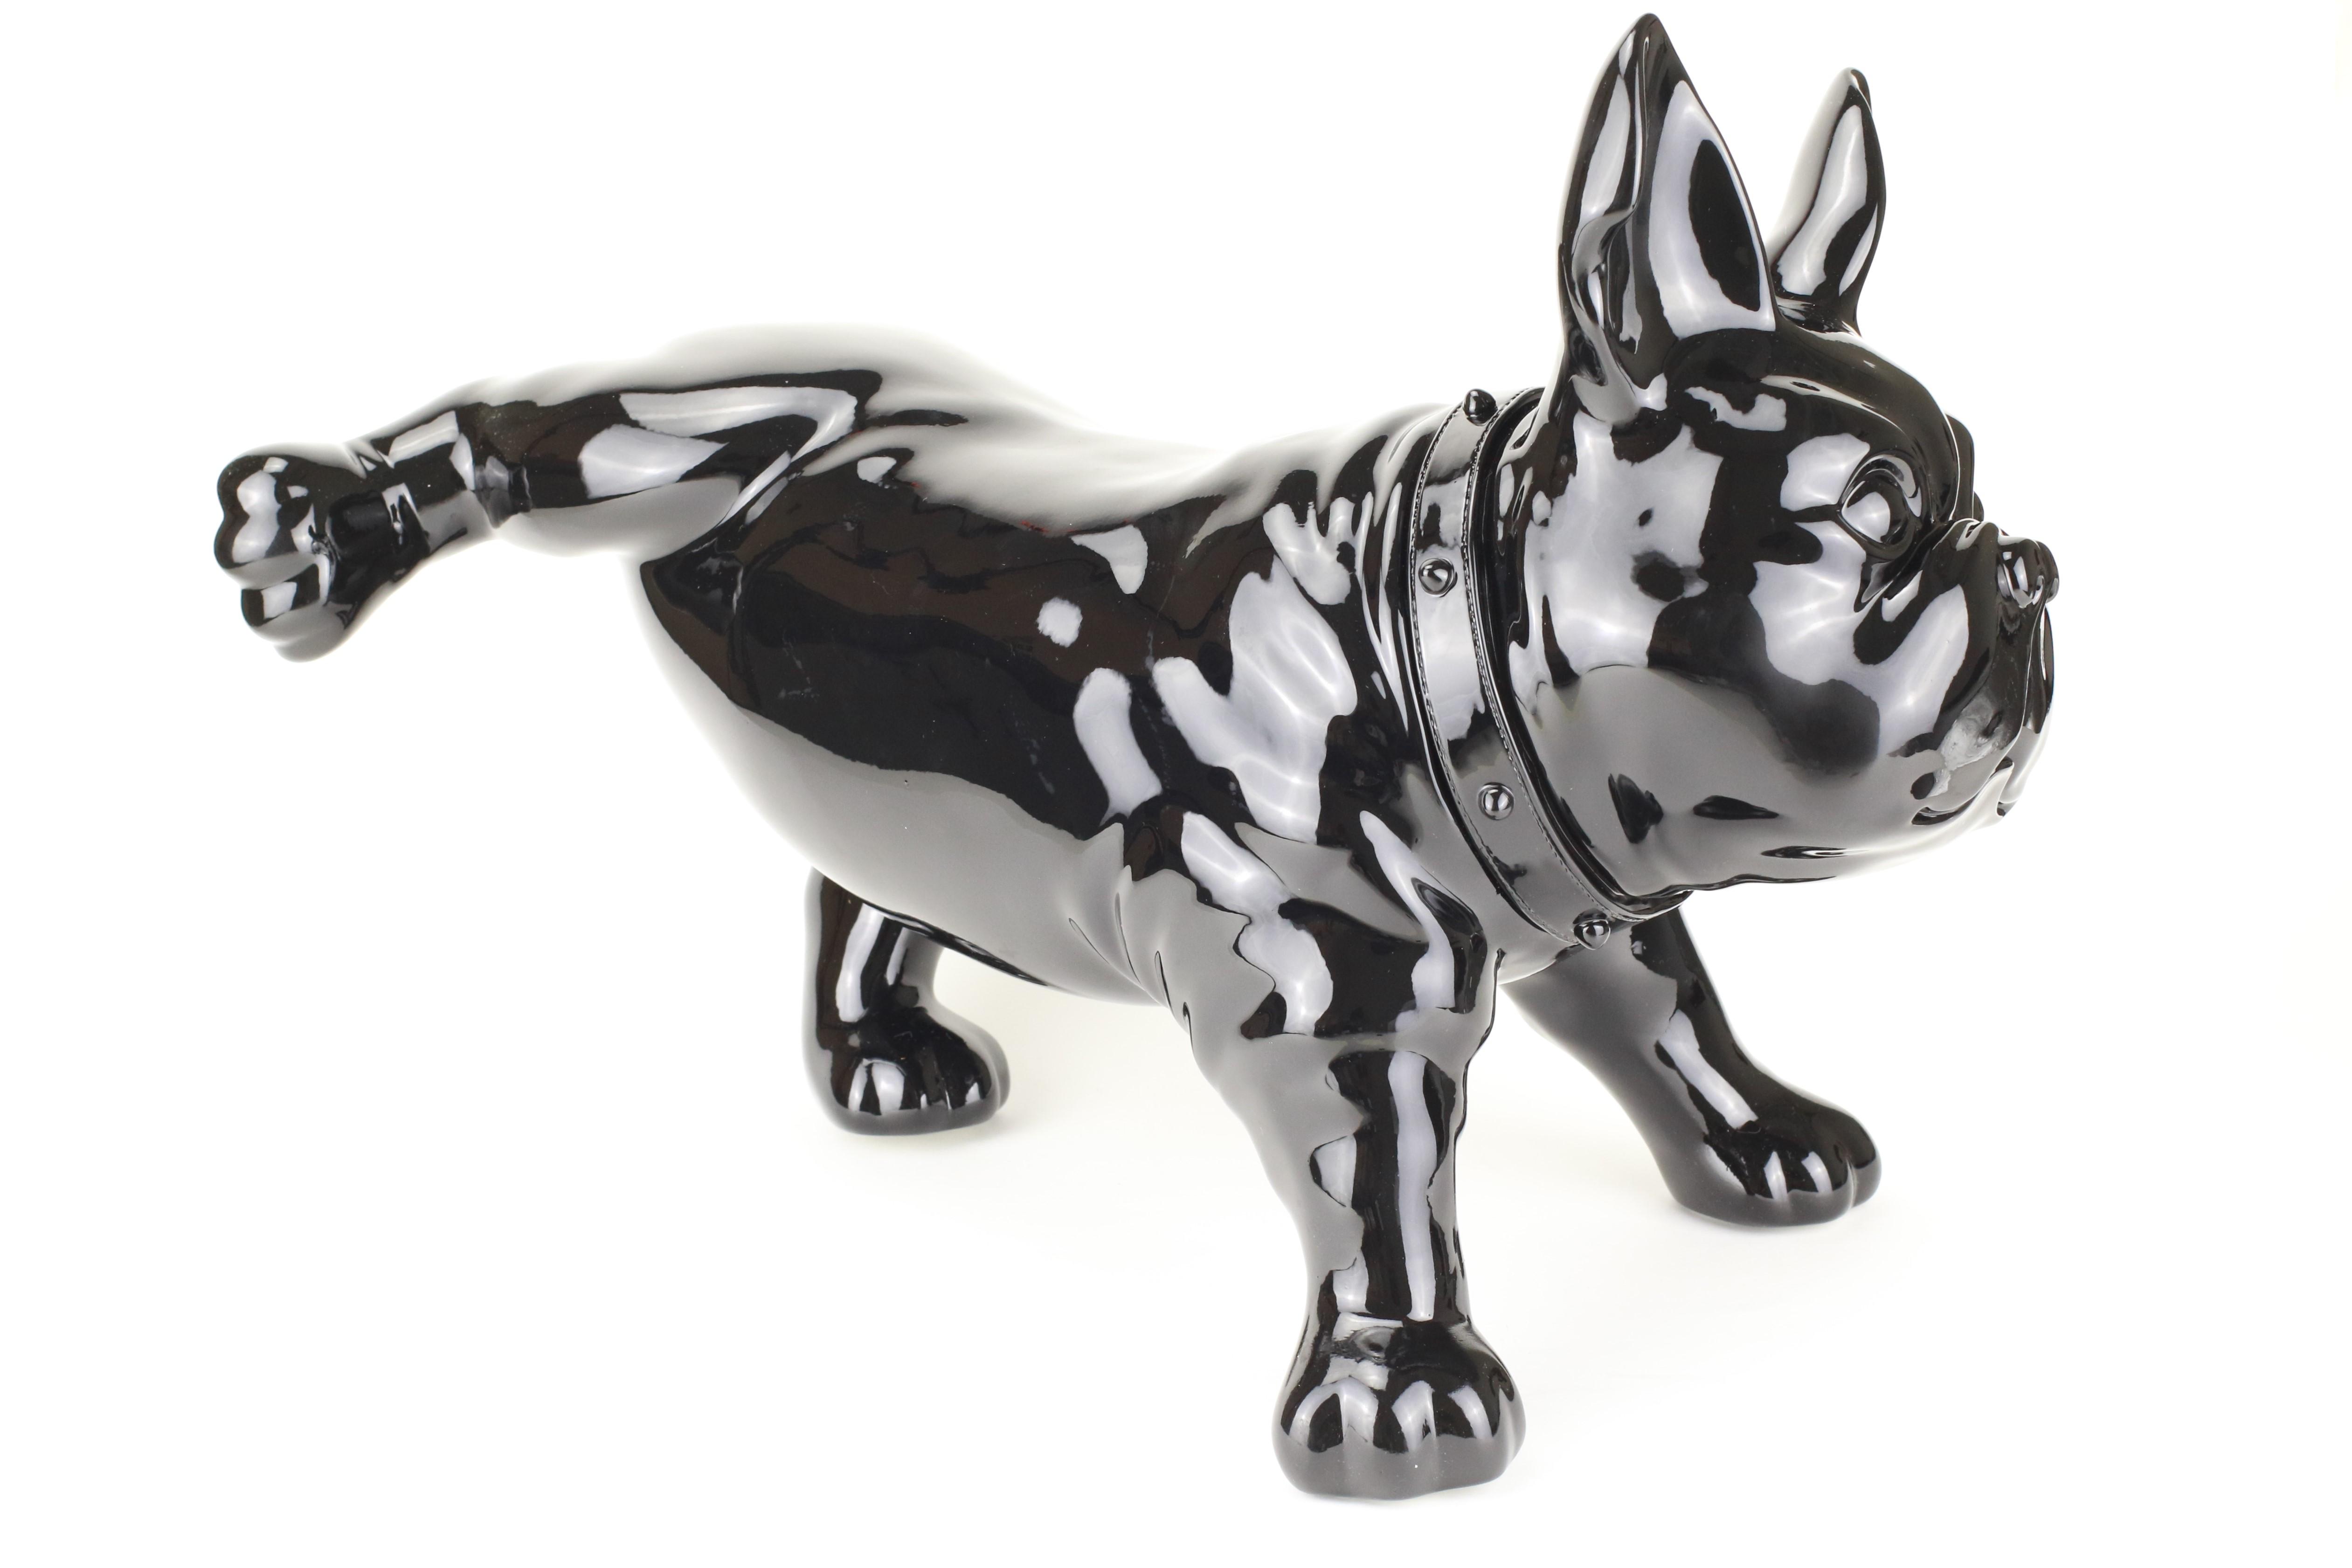 Chú chó nhựa Bulldog đen trang trí